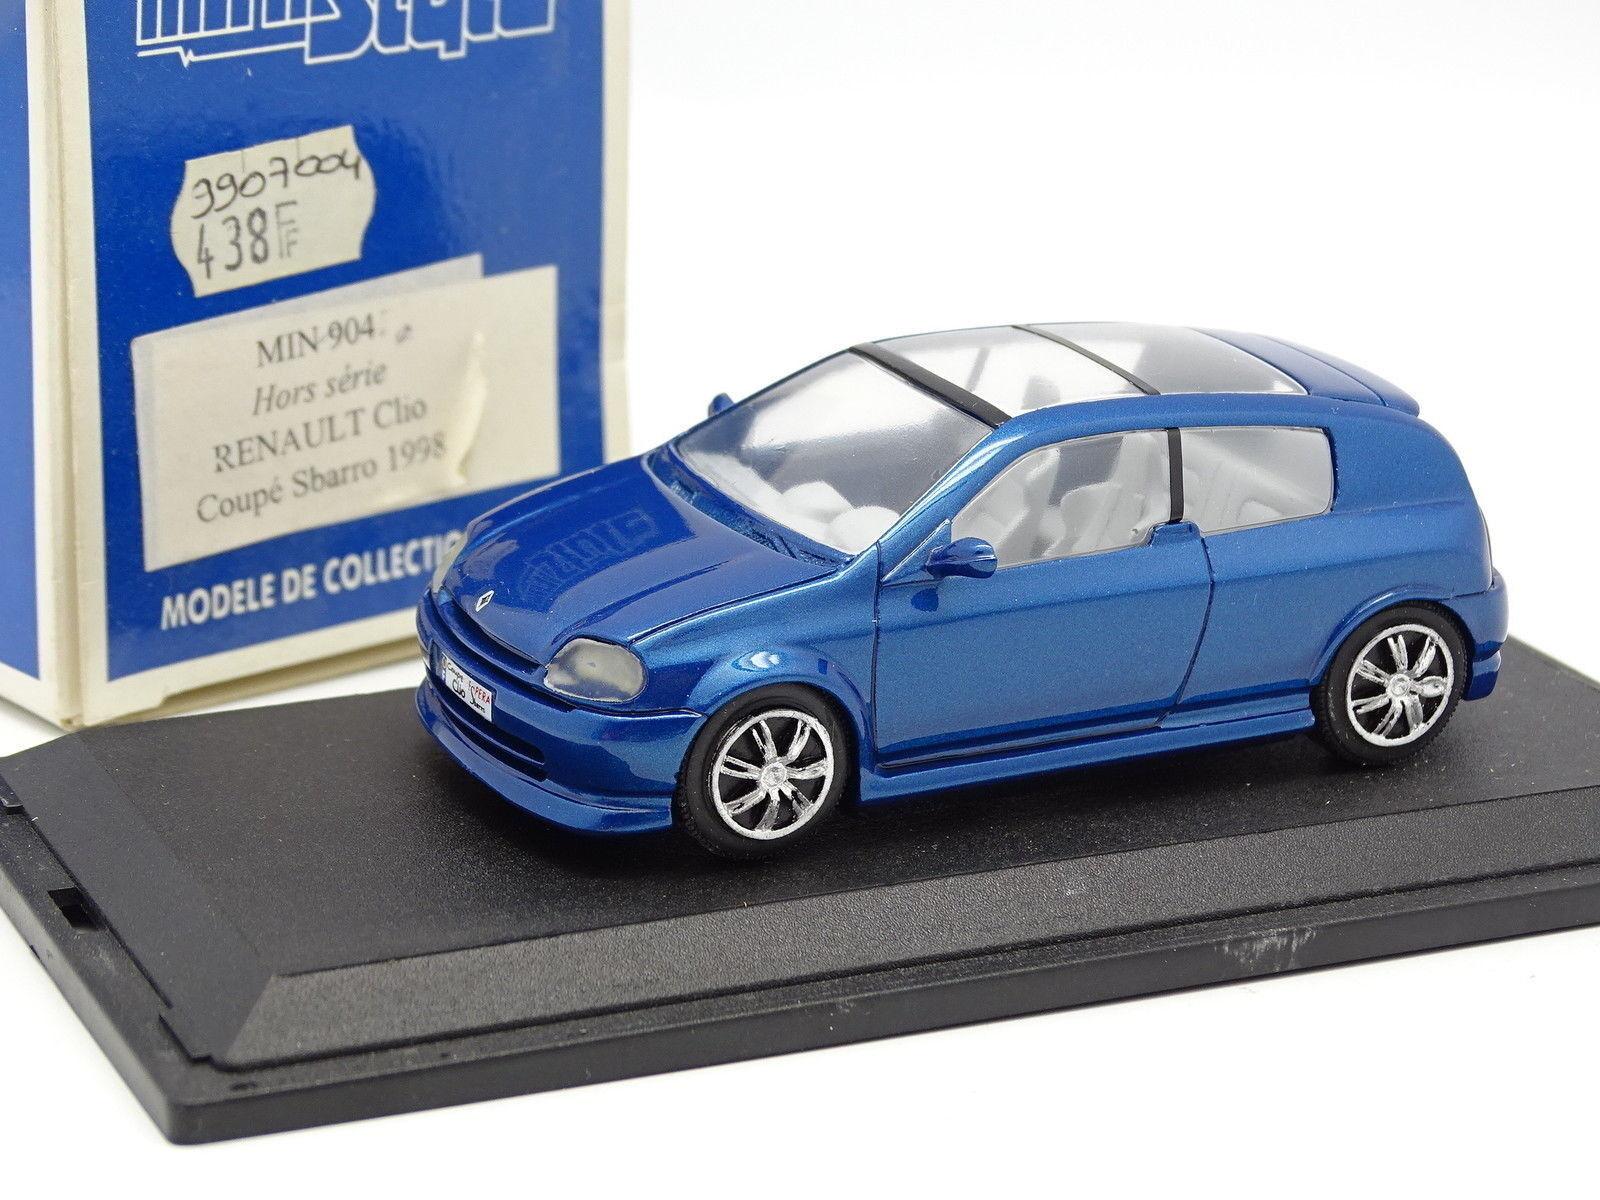 Ministyle resina 1   43 - konzept renault clio coup é sbarro 1998